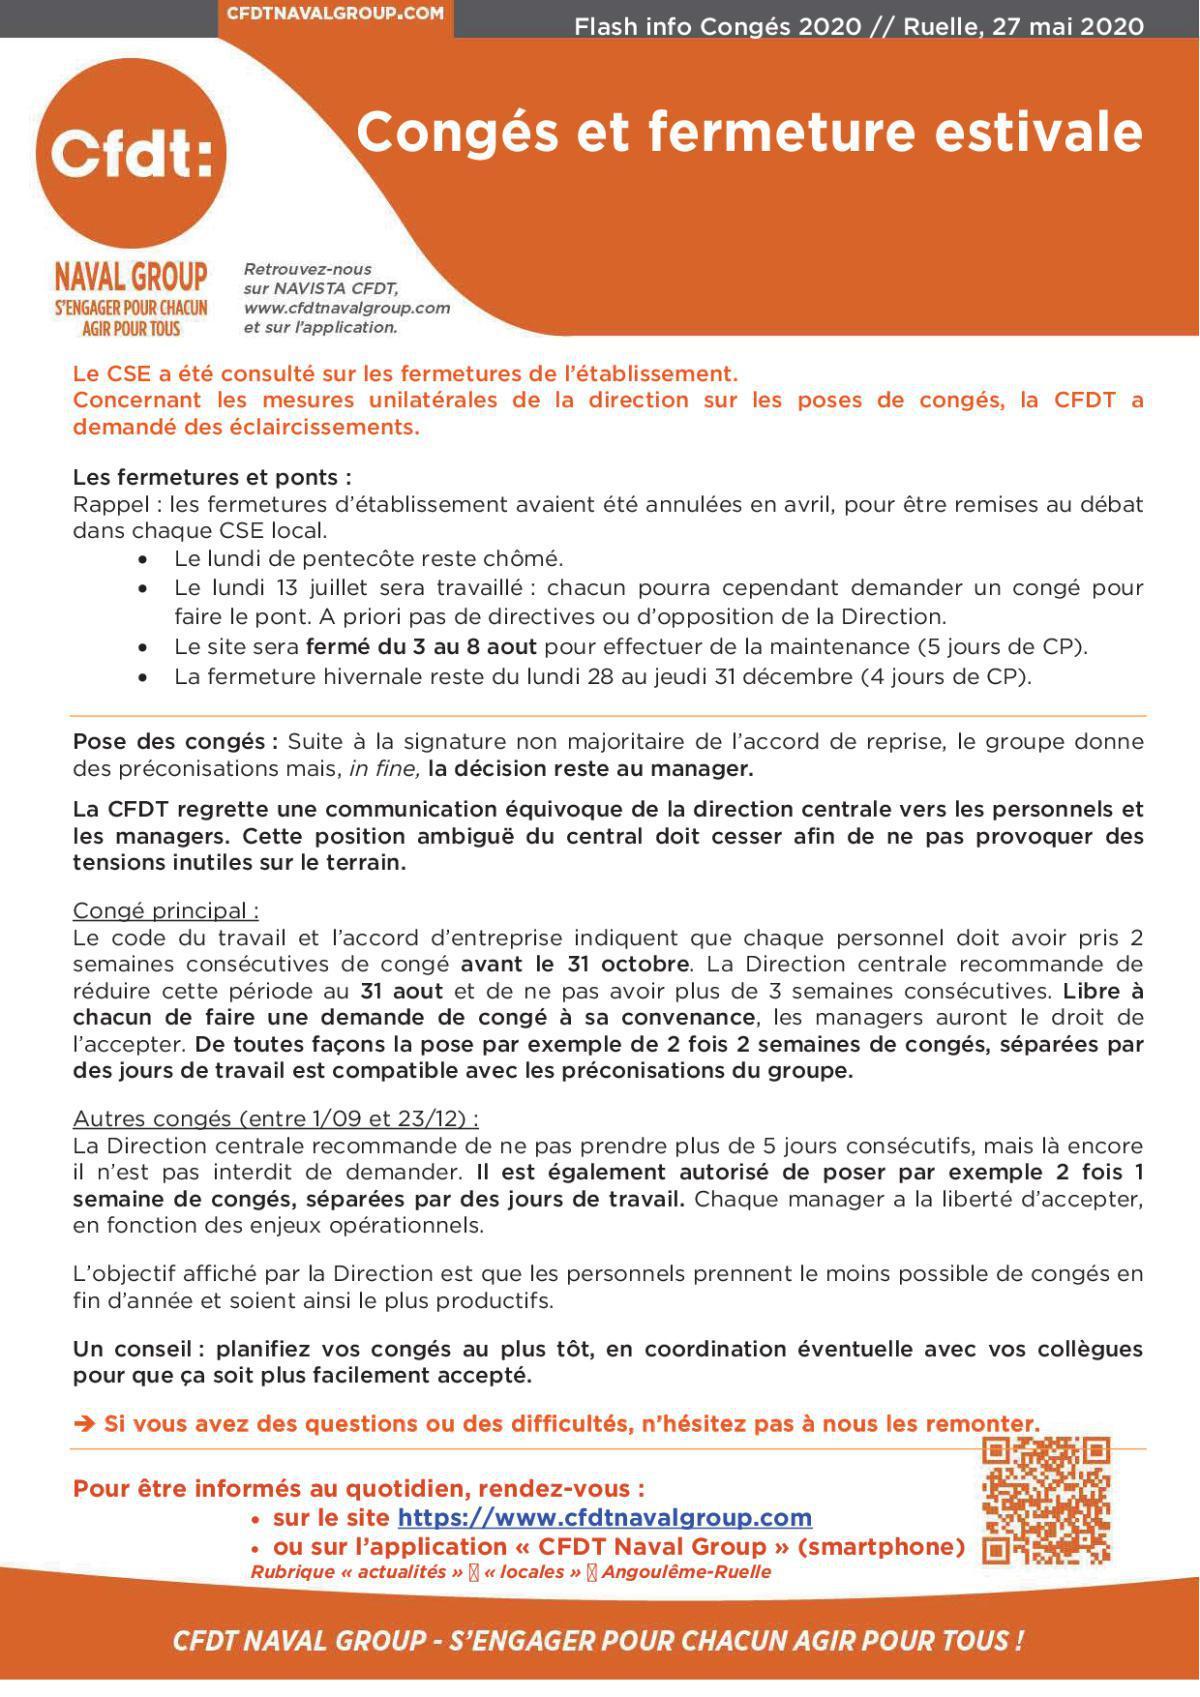 Flash info : congés et fermetures 2020 - site de Ruelle